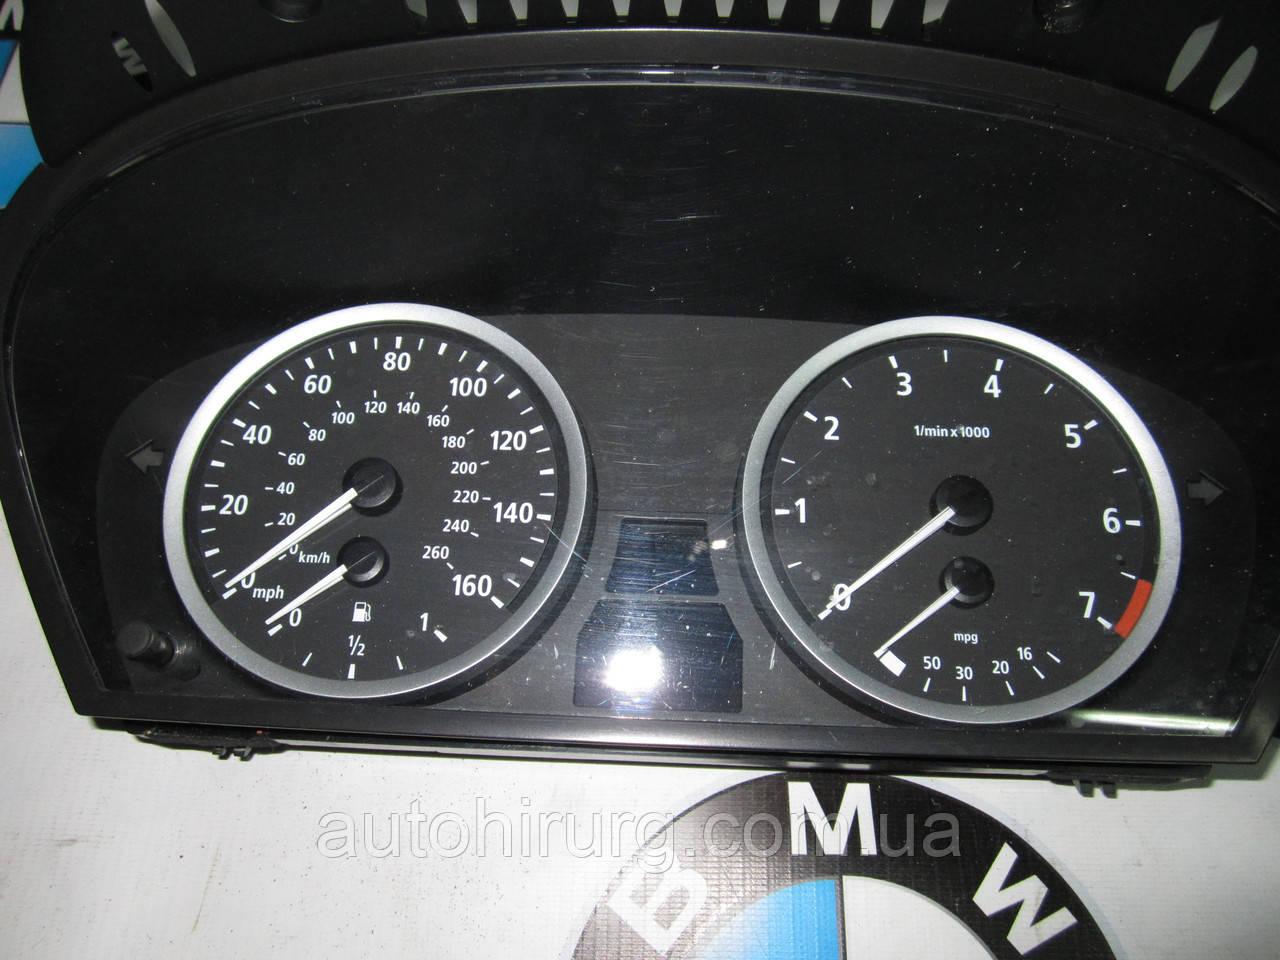 Щиток приборов BMW e60/e61, фото 1